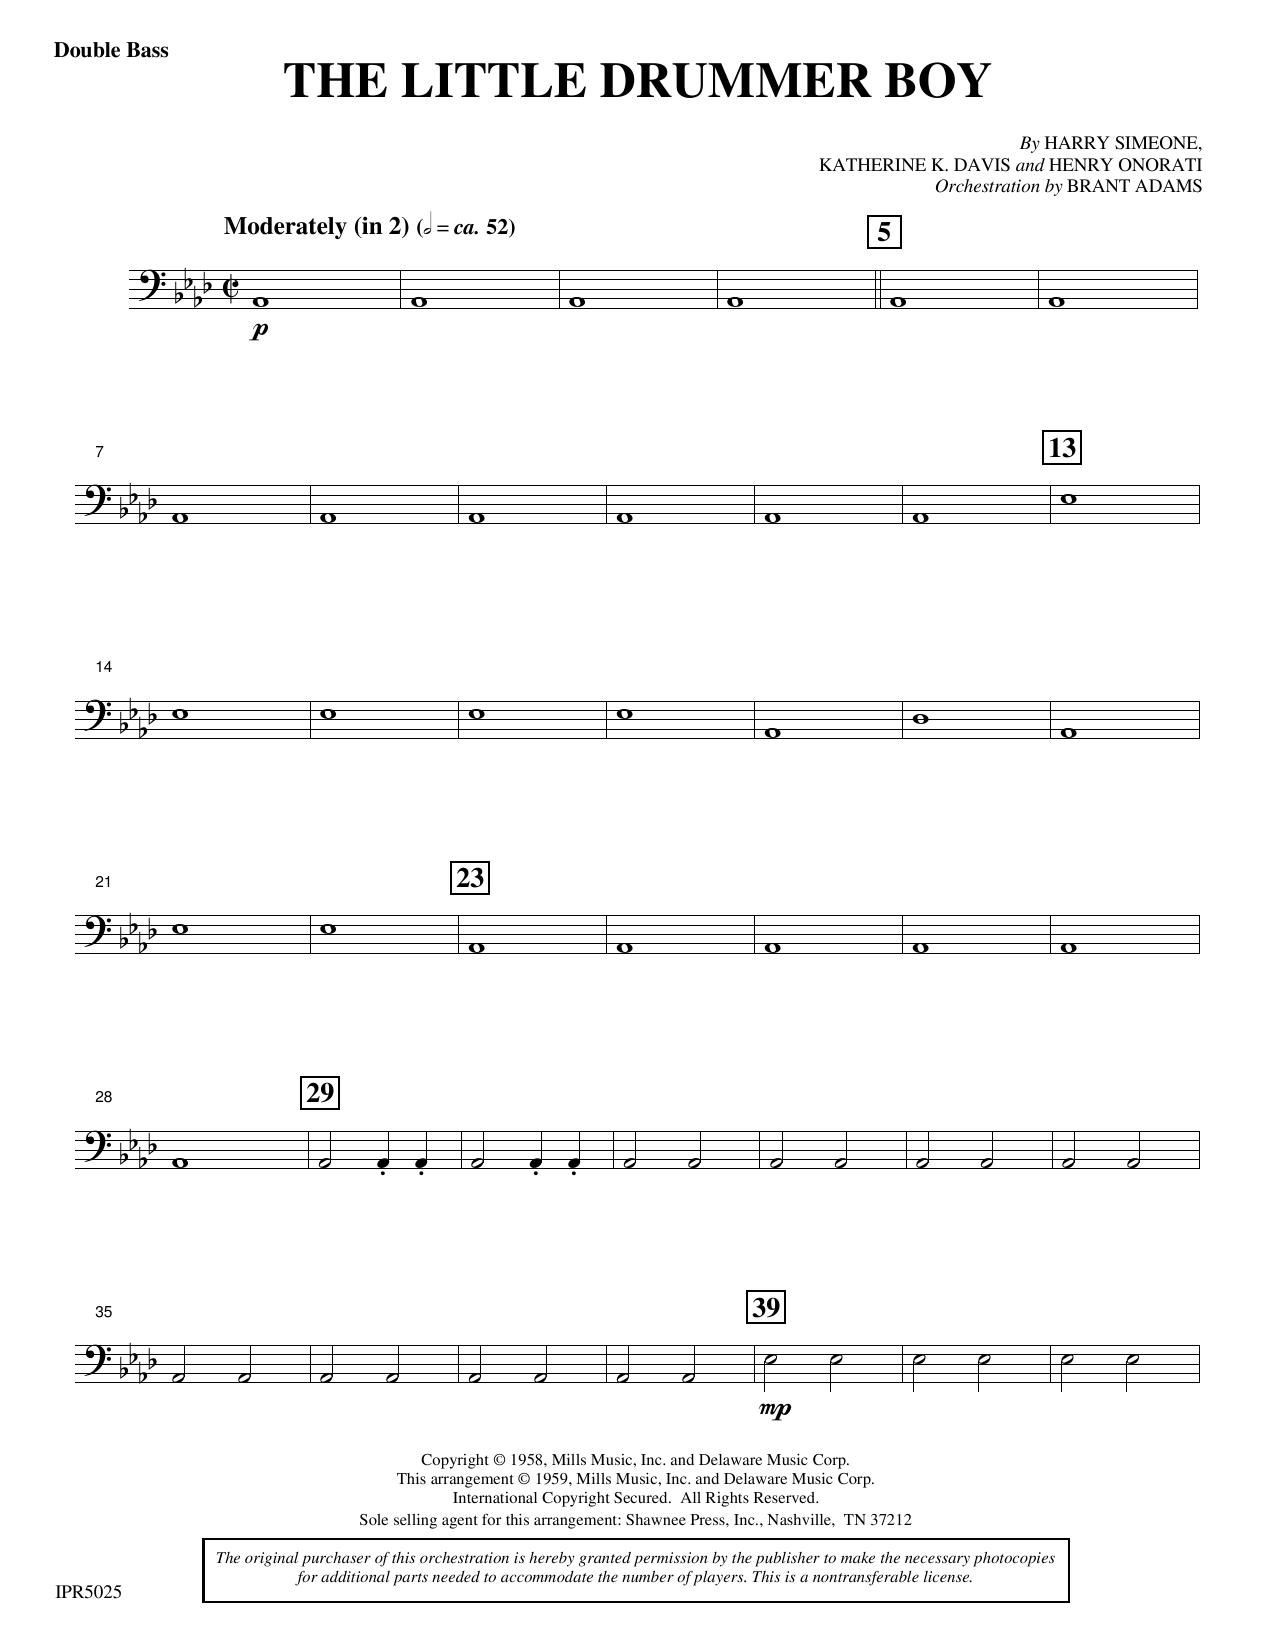 The Little Drummer Boy - Double Bass Sheet Music